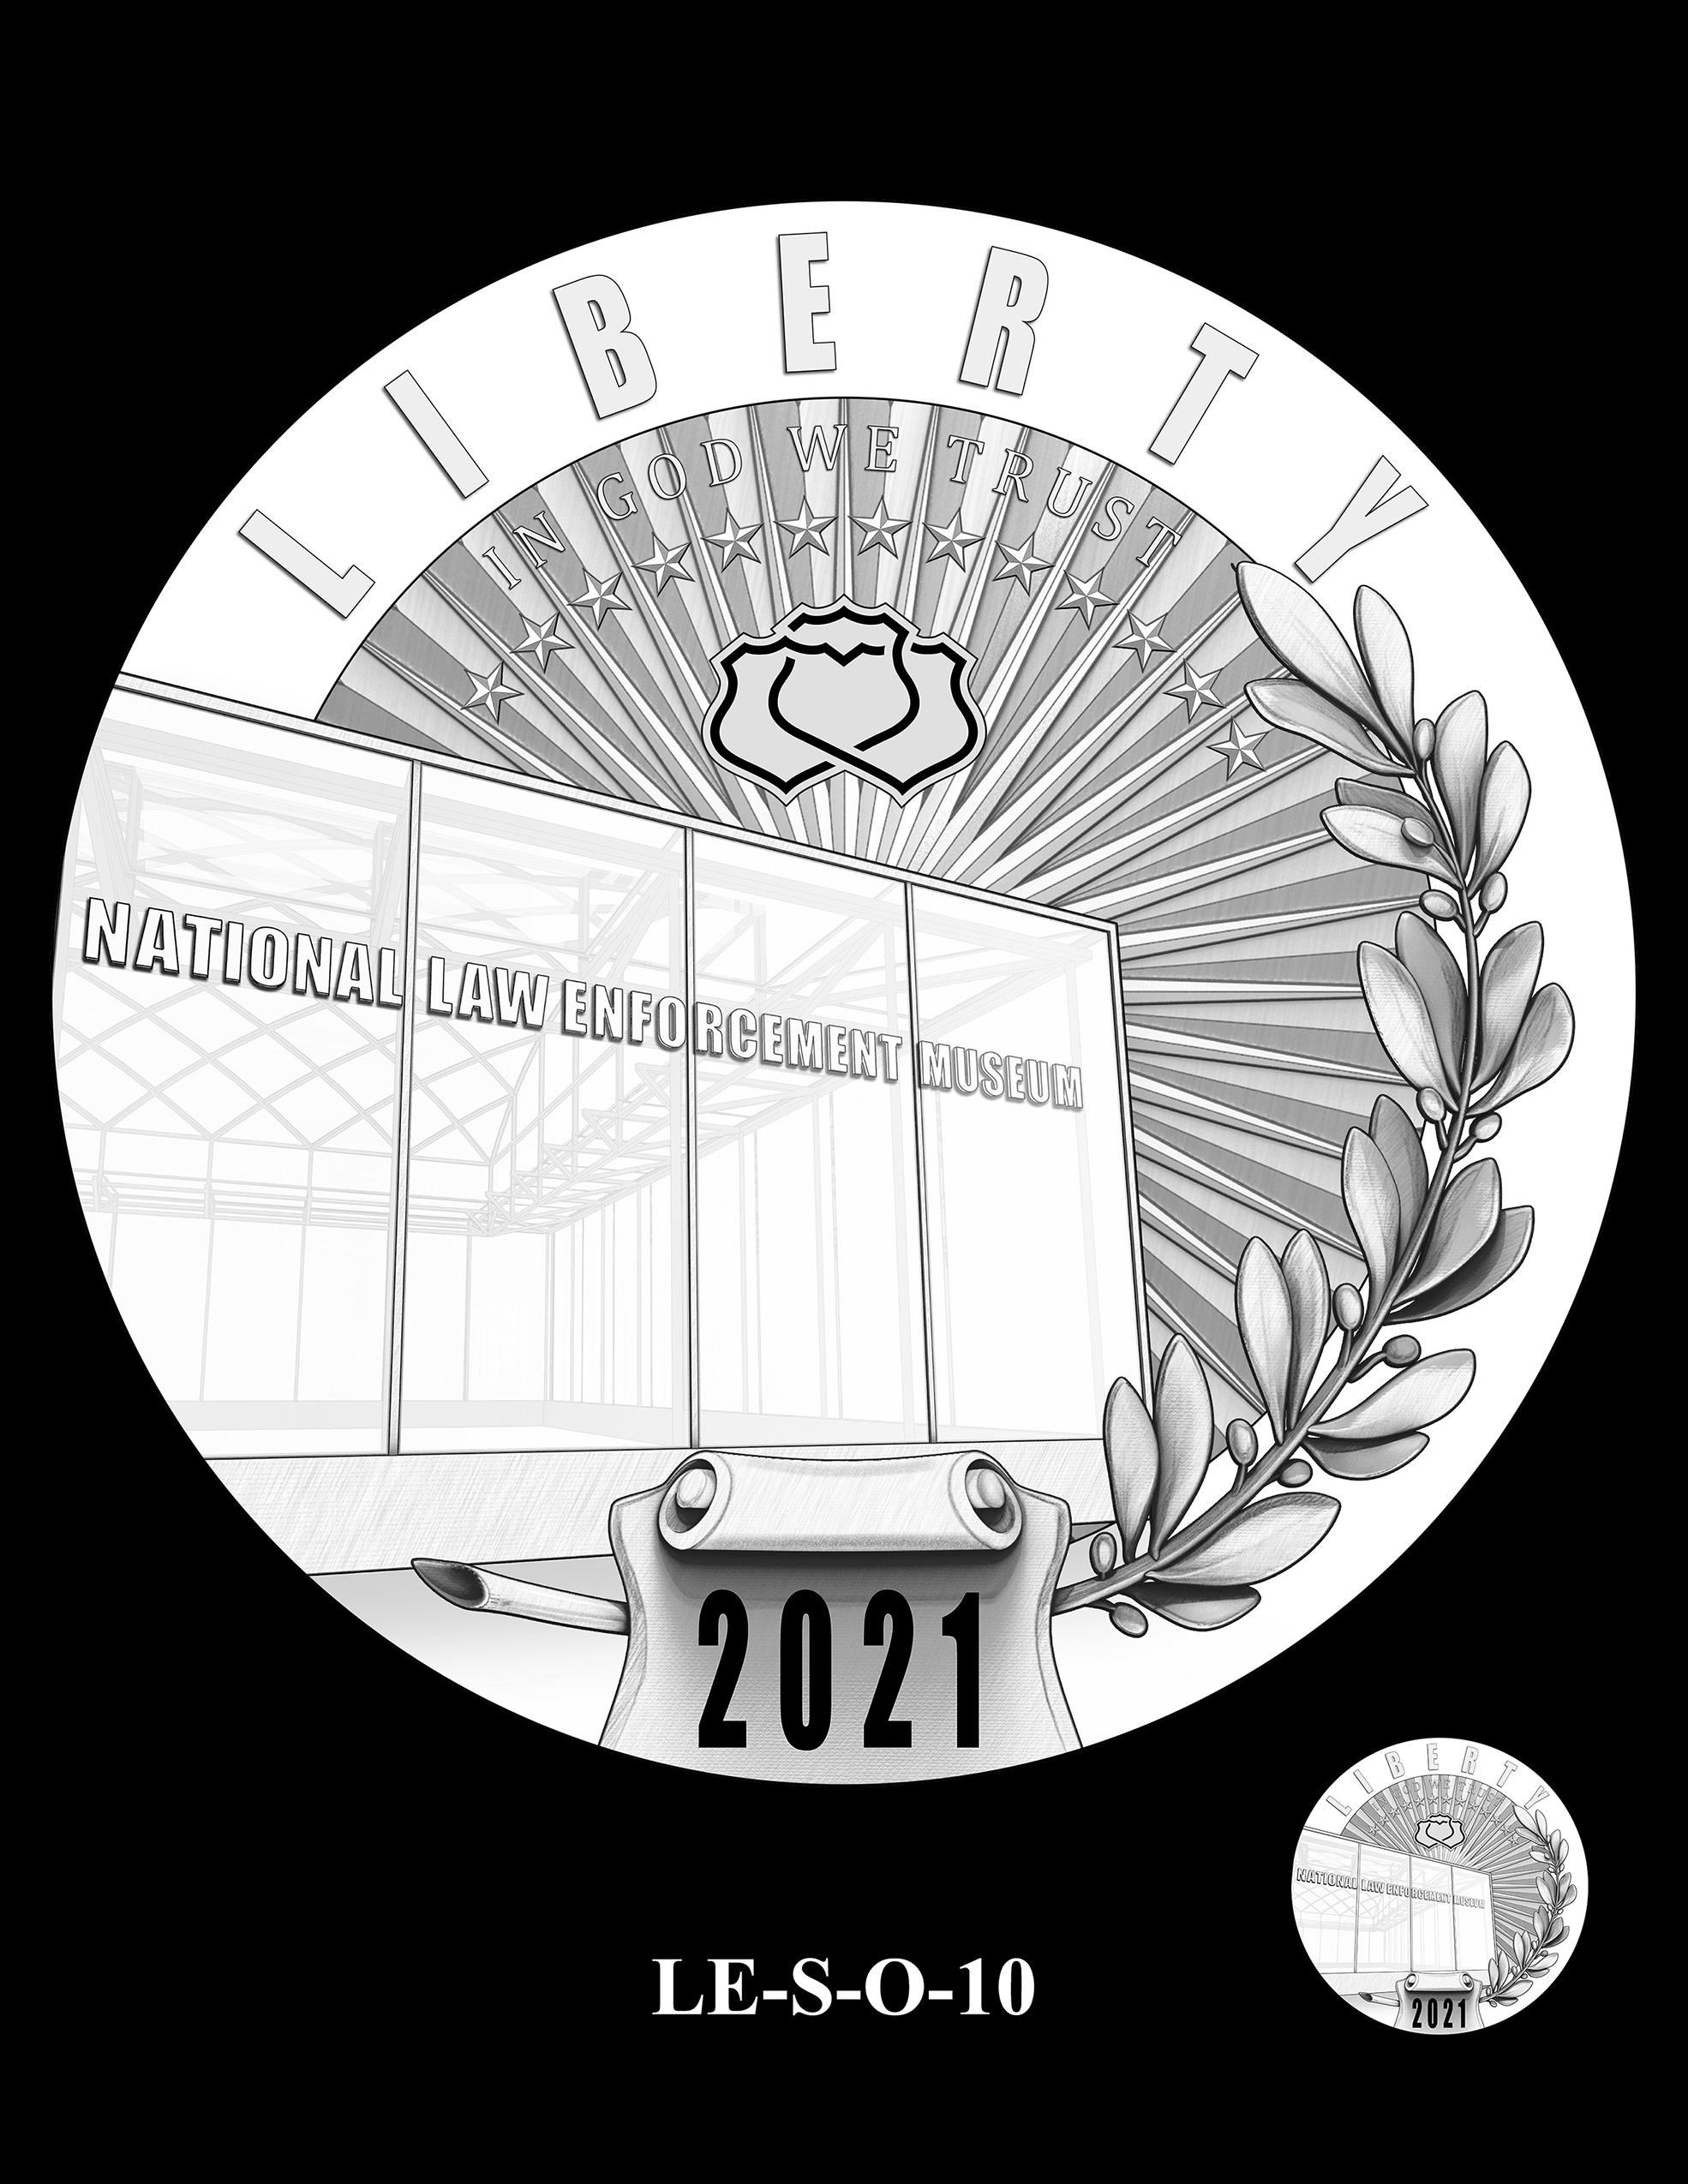 LE-S-O-10 -- National Law Enforcement Museum Commemorative Coin Program